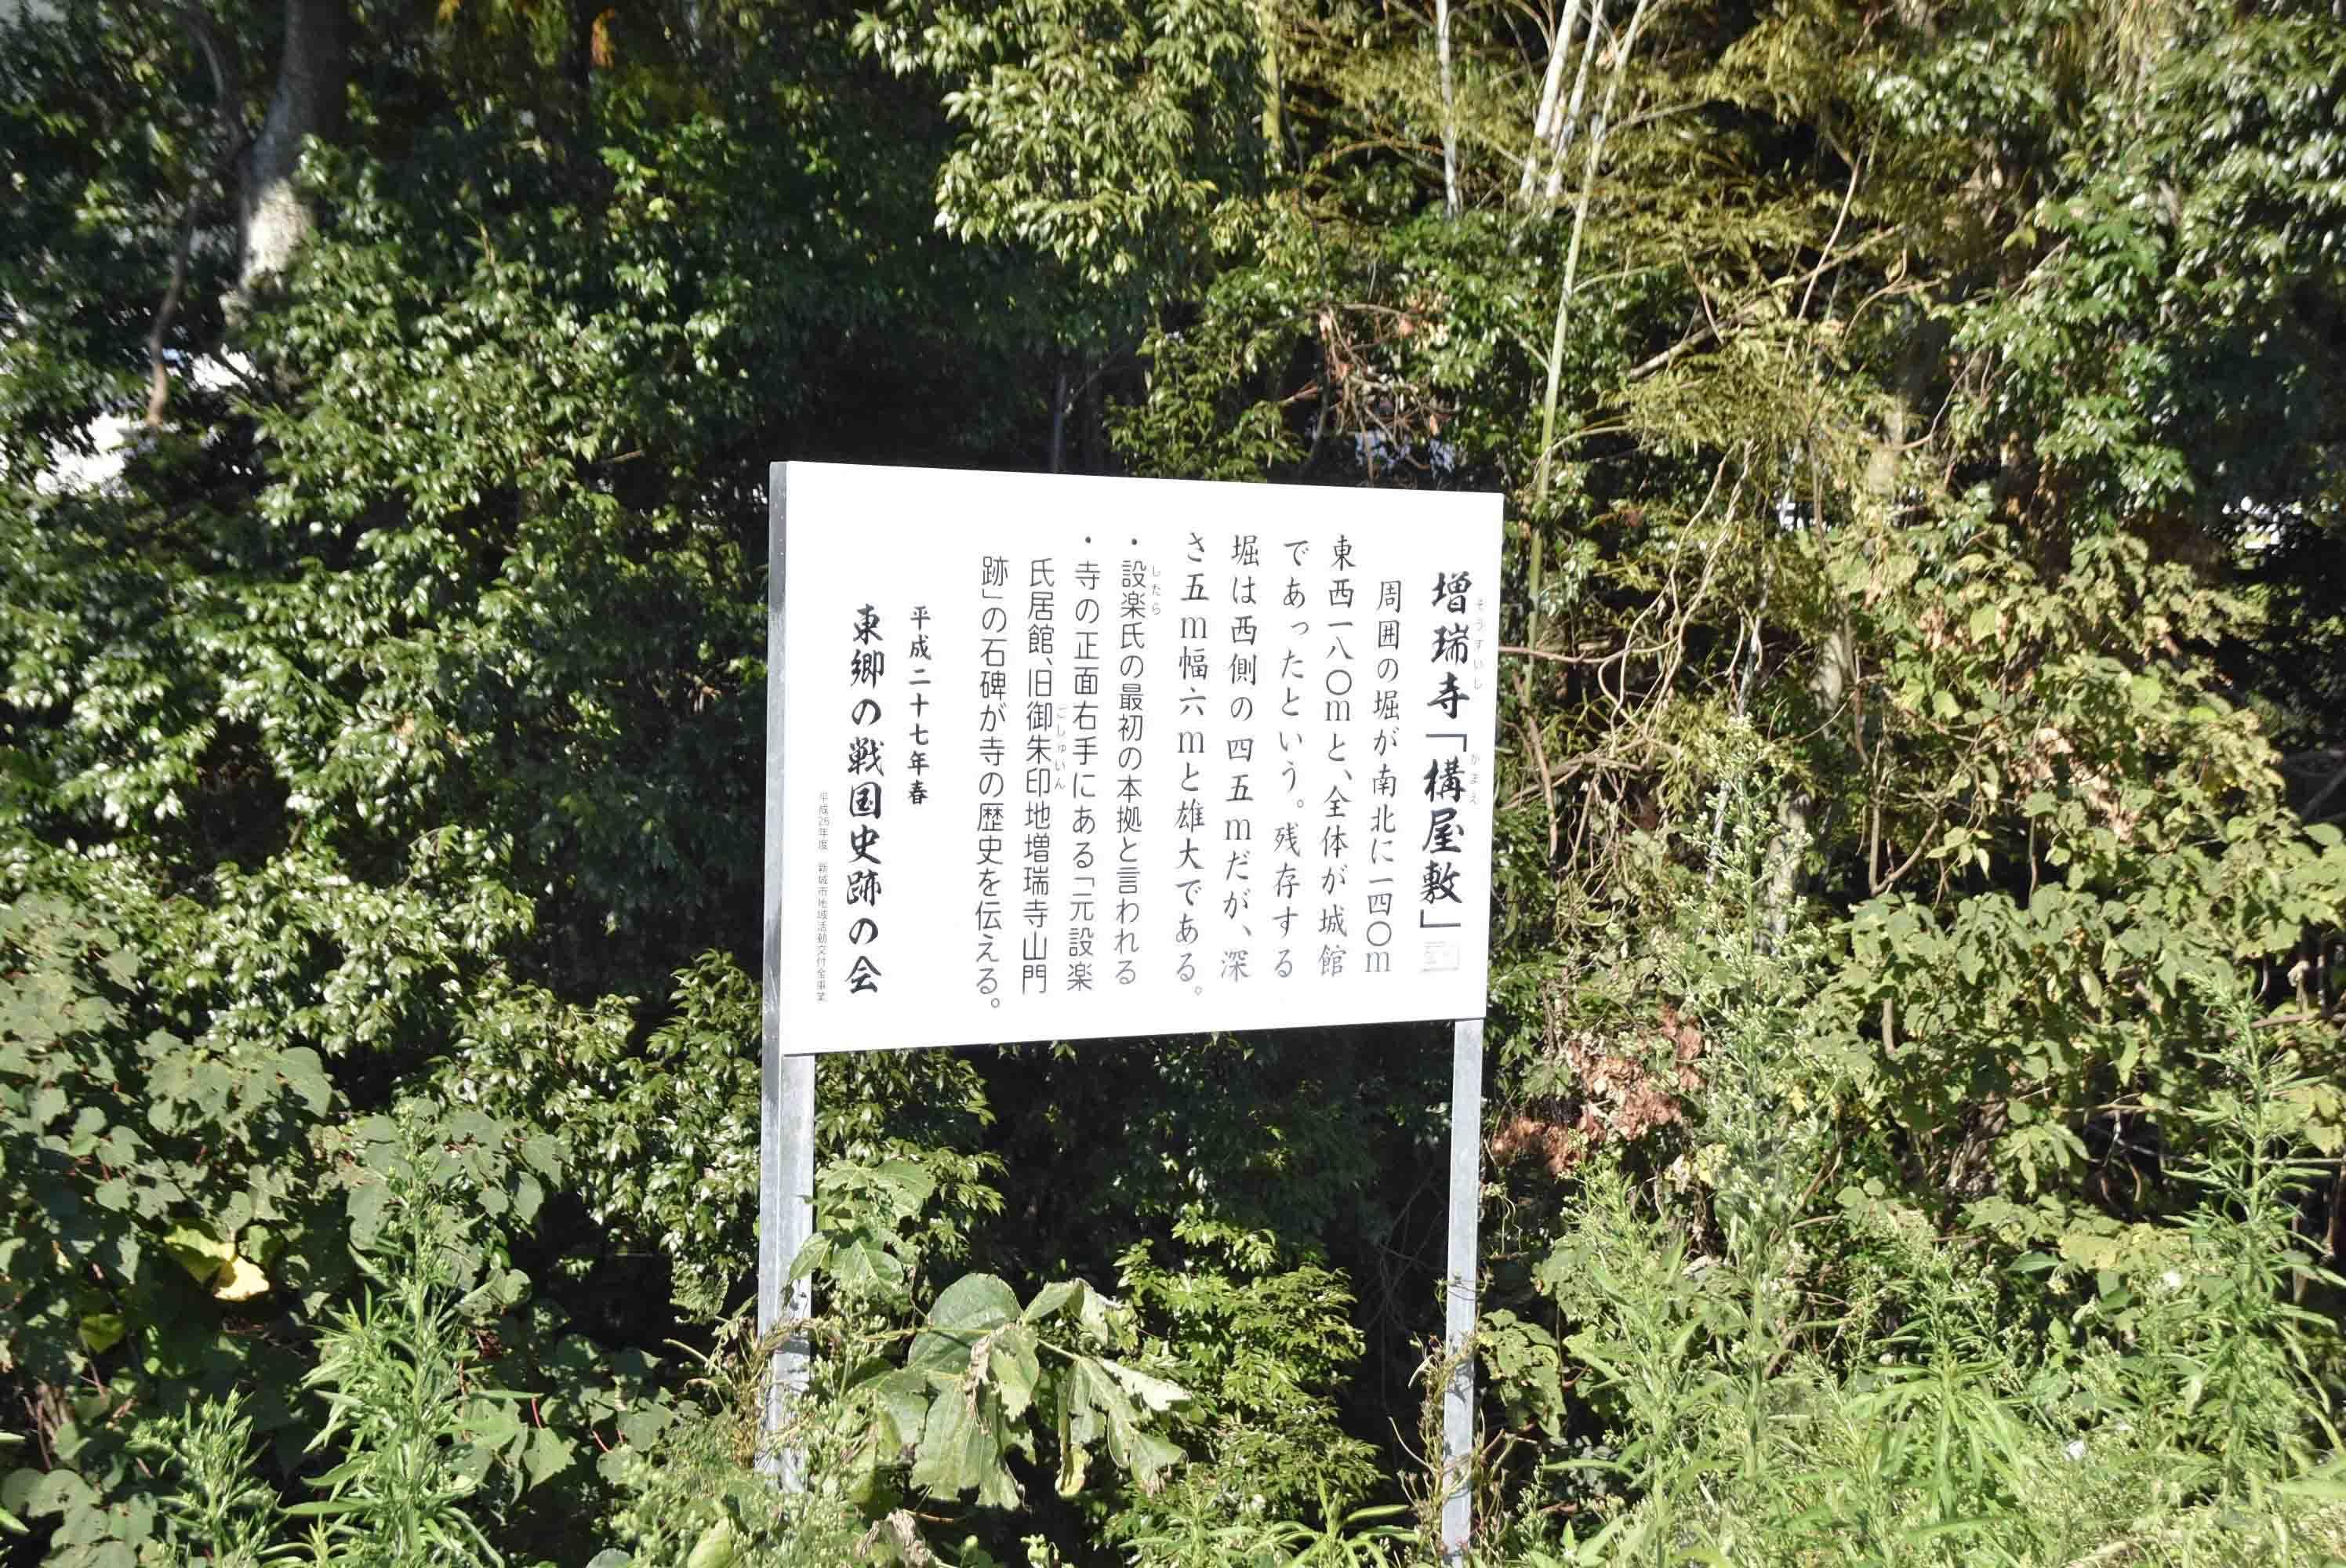 設楽氏 増瑞寺「構屋敷」の説明板